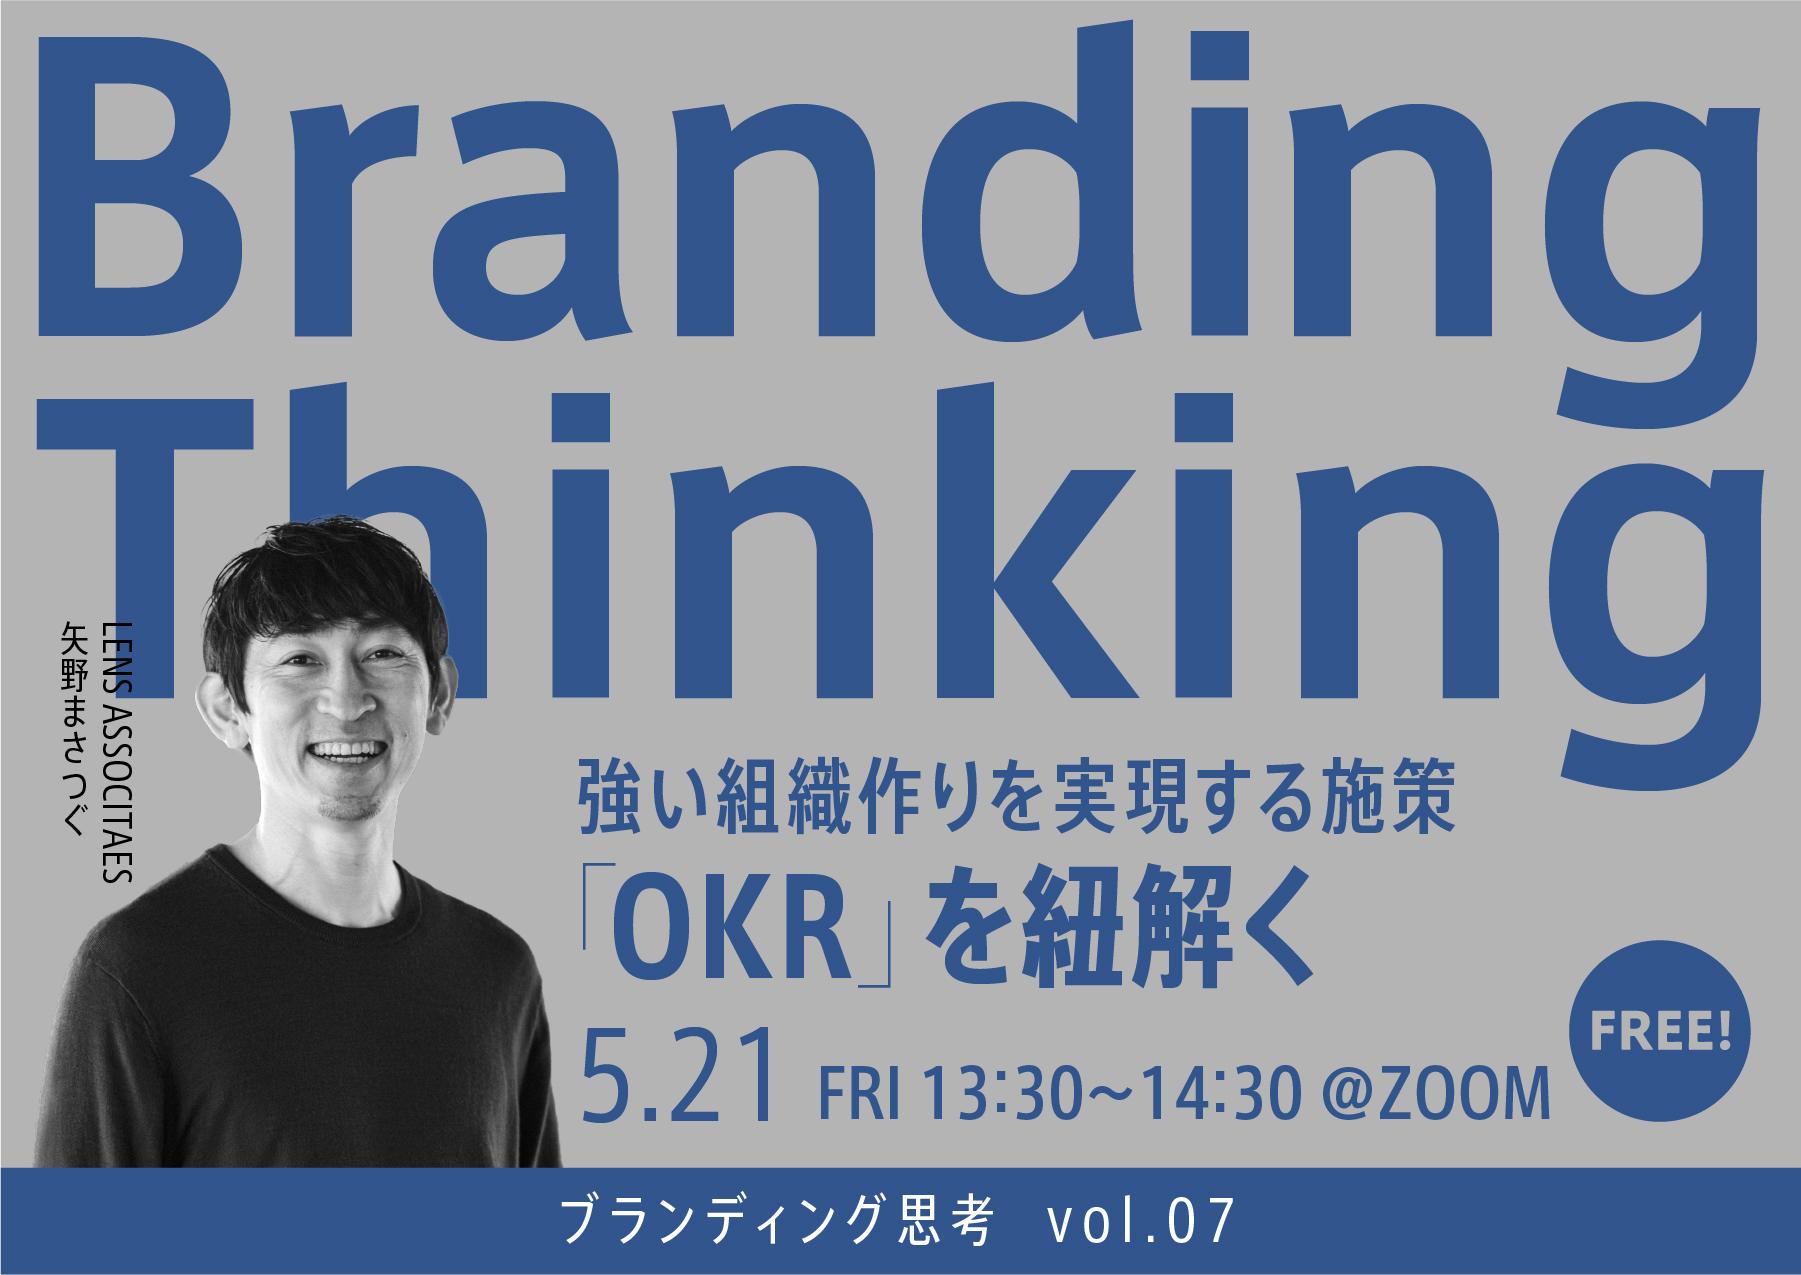 名古屋 ブランディング レンズアソシエイツ オンラインセミナー ブランディング思考 クリエイティブ